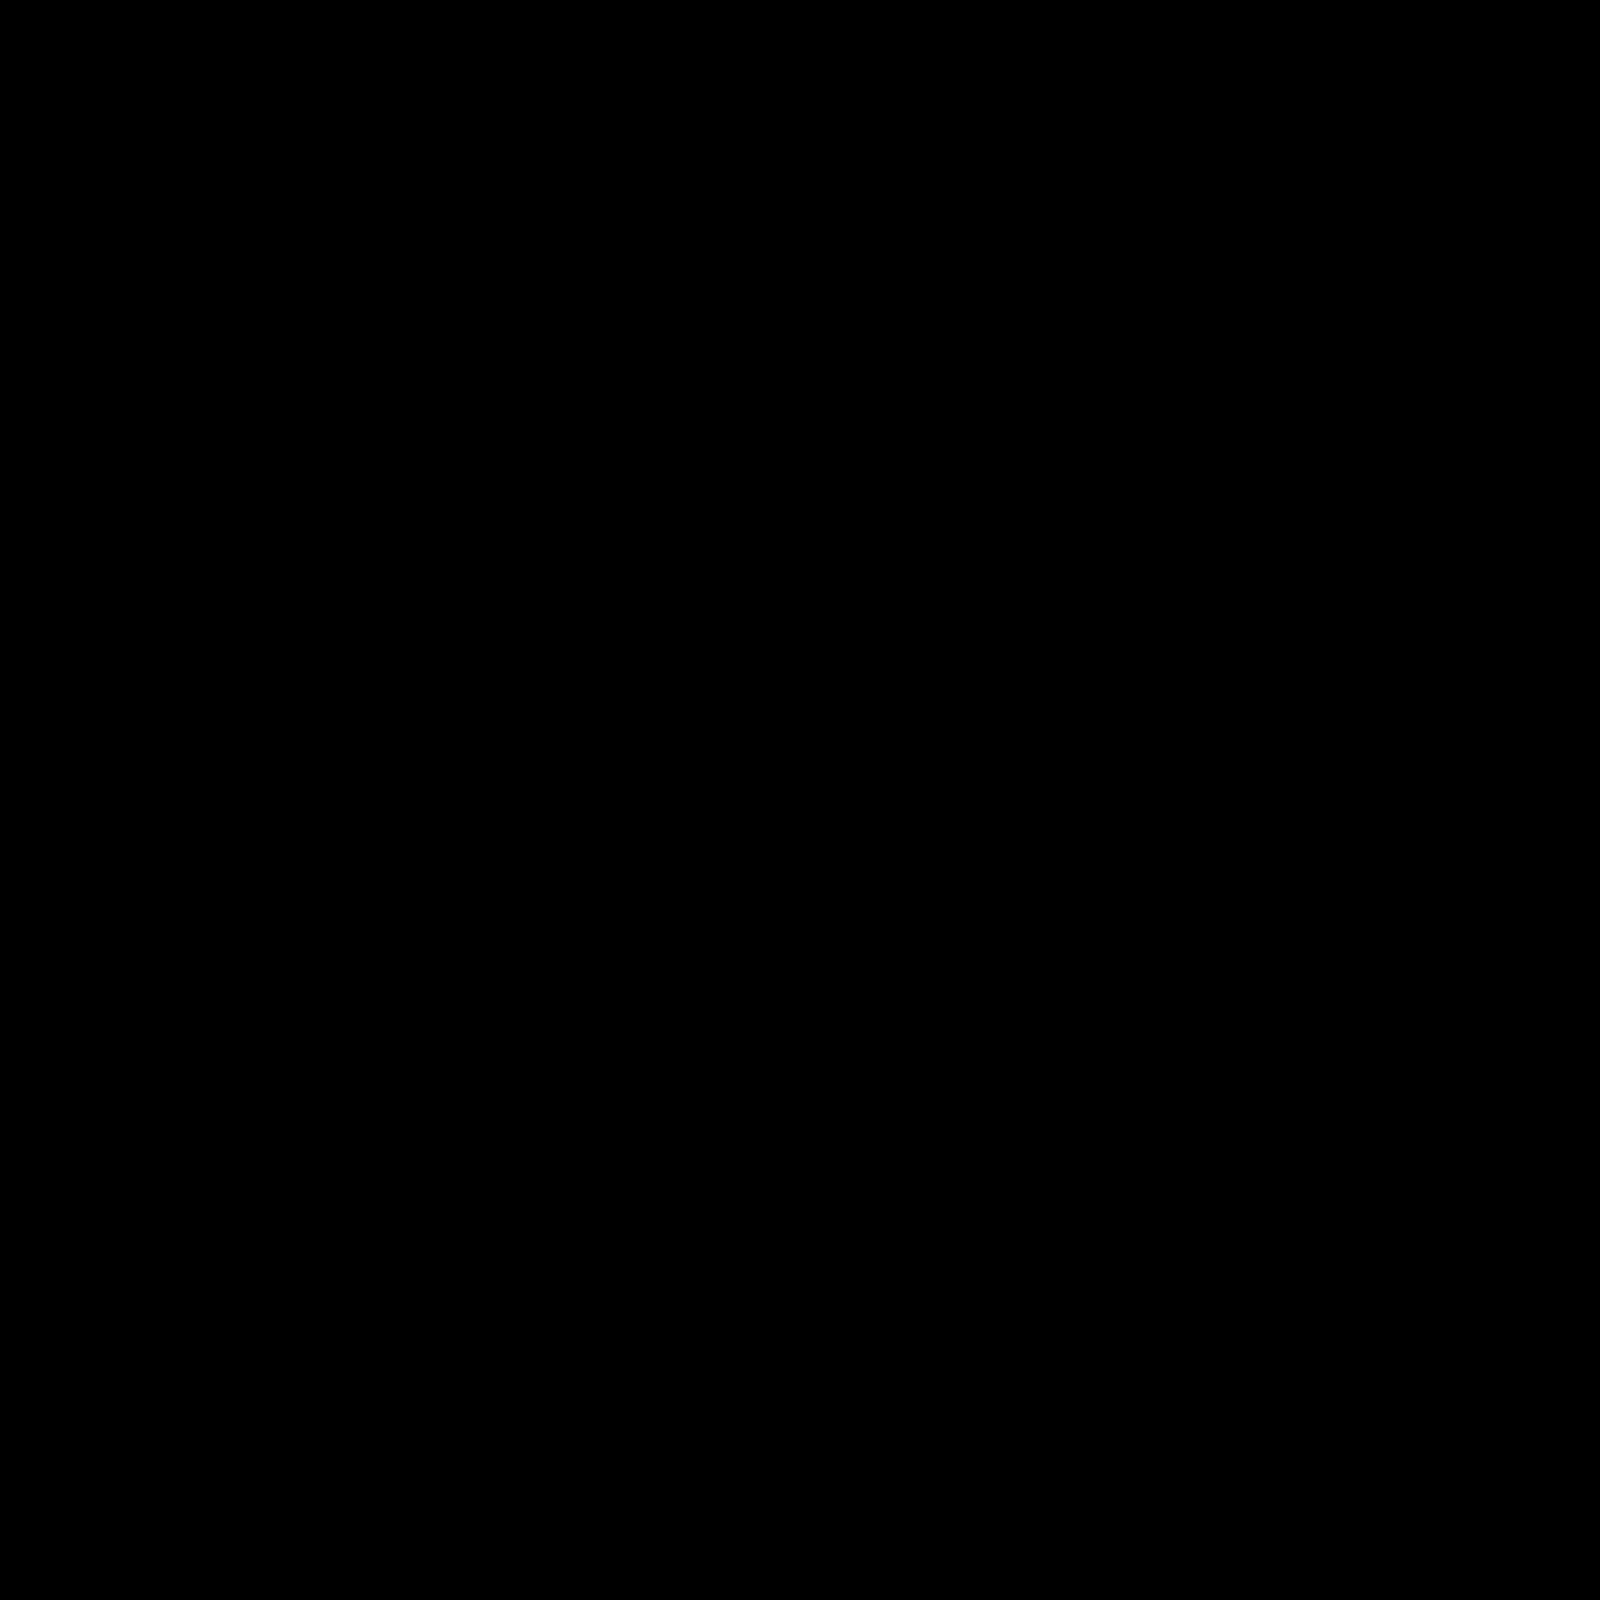 5 Key icon